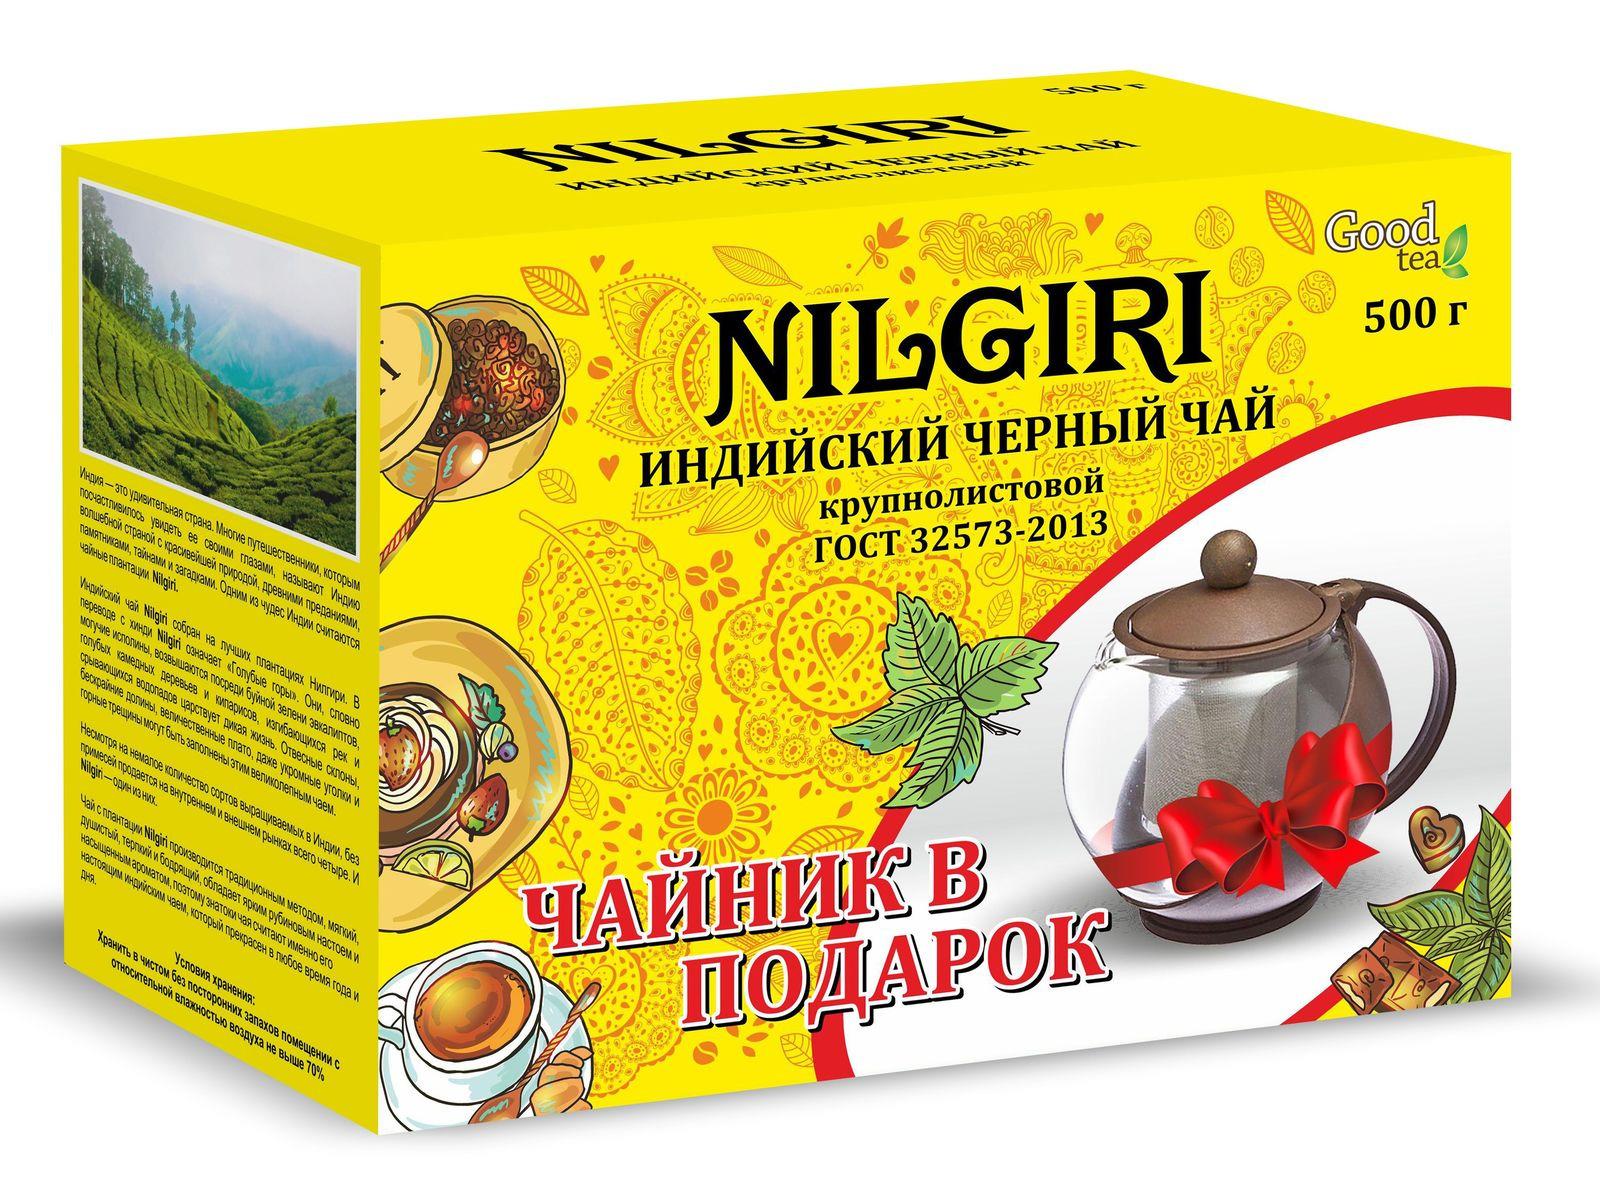 Чай крупнолистовой черный Good Tea Nilgiri, 500 г + чайник чай листовой good tea автор набор 4 190 г 10 фильтр пакетов и мерная ложка